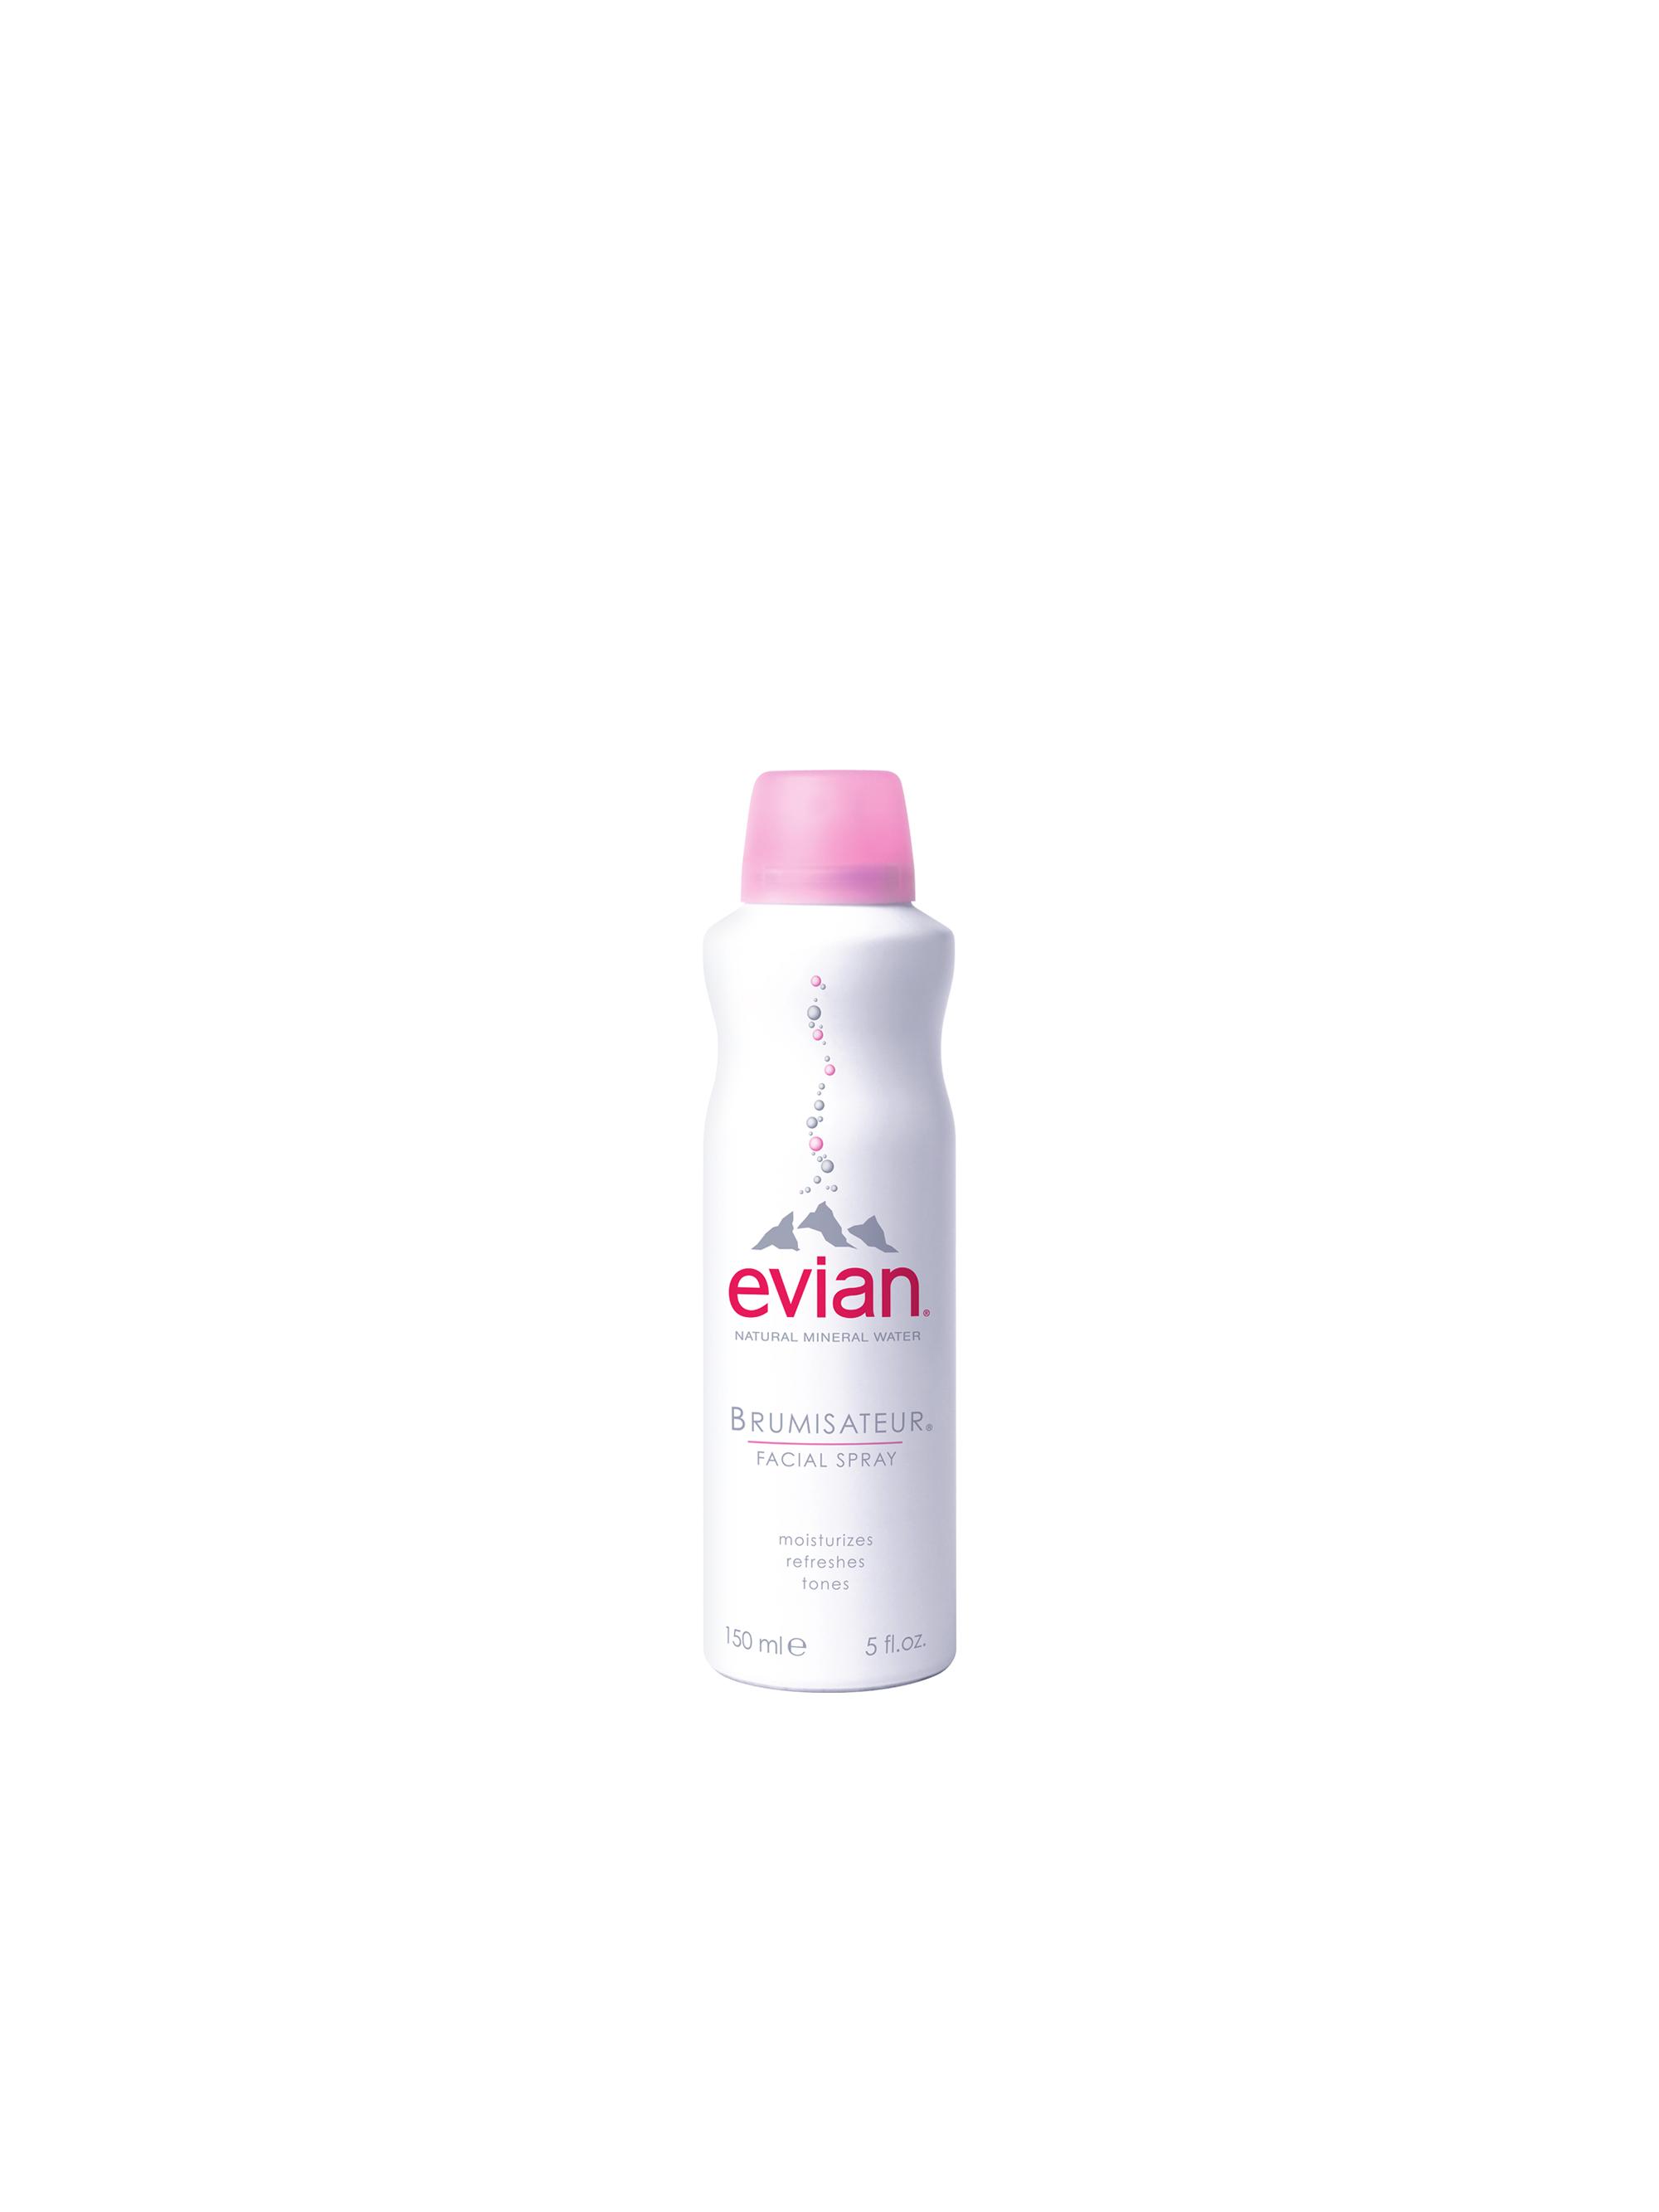 Evian Water mist spray